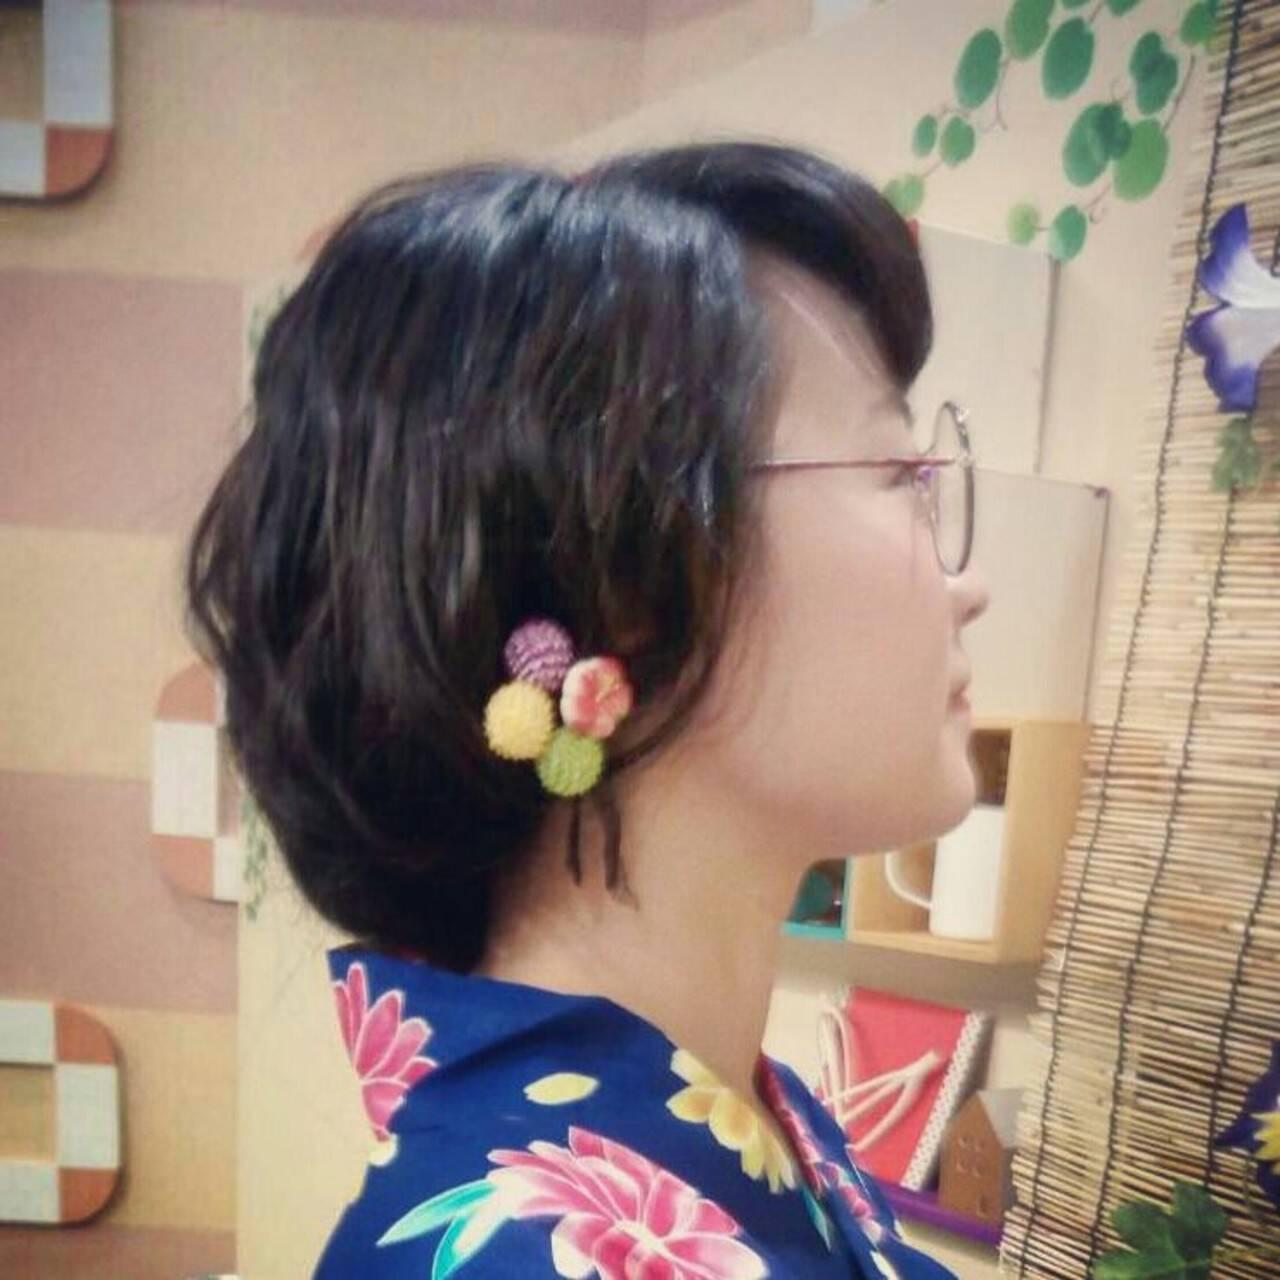 ヘアアレンジ ロング 和装 ガーリーヘアスタイルや髪型の写真・画像